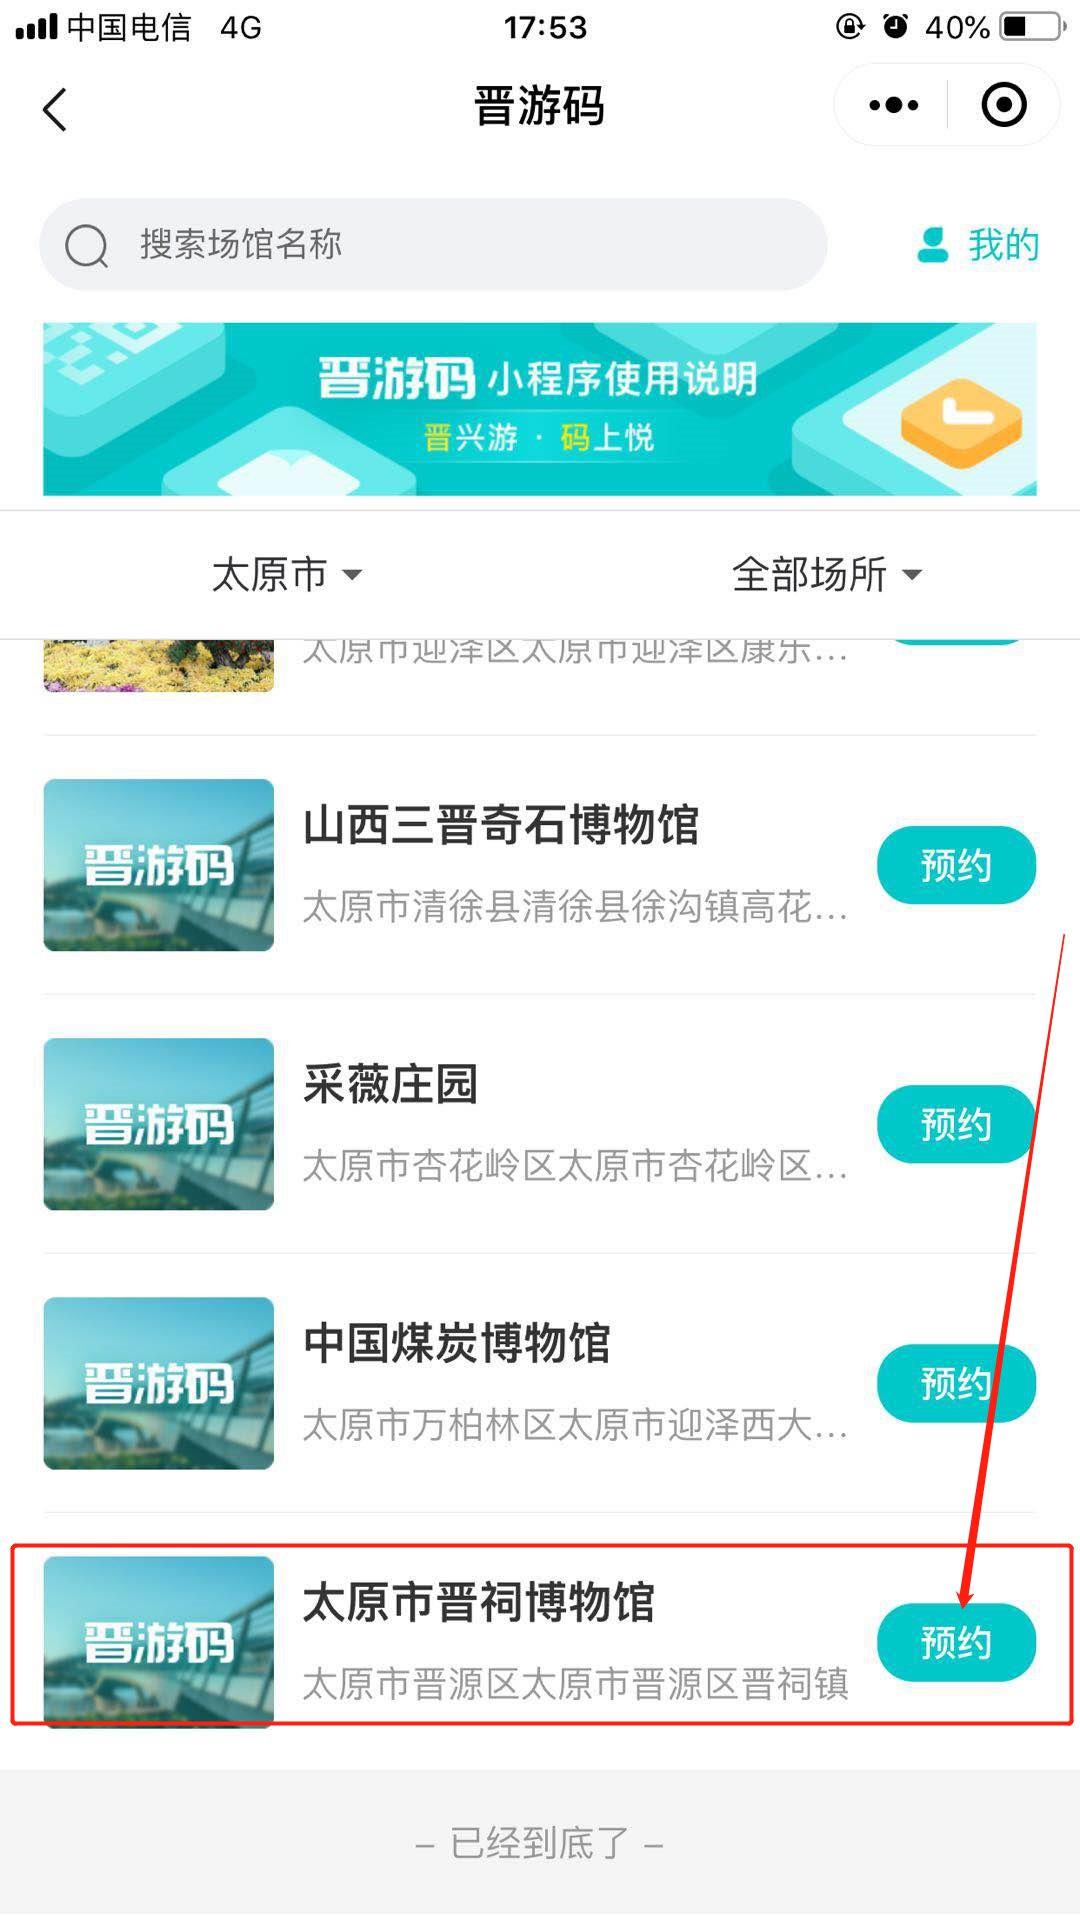 2020太原市晋祠免费门票政策(时间+获取方式)